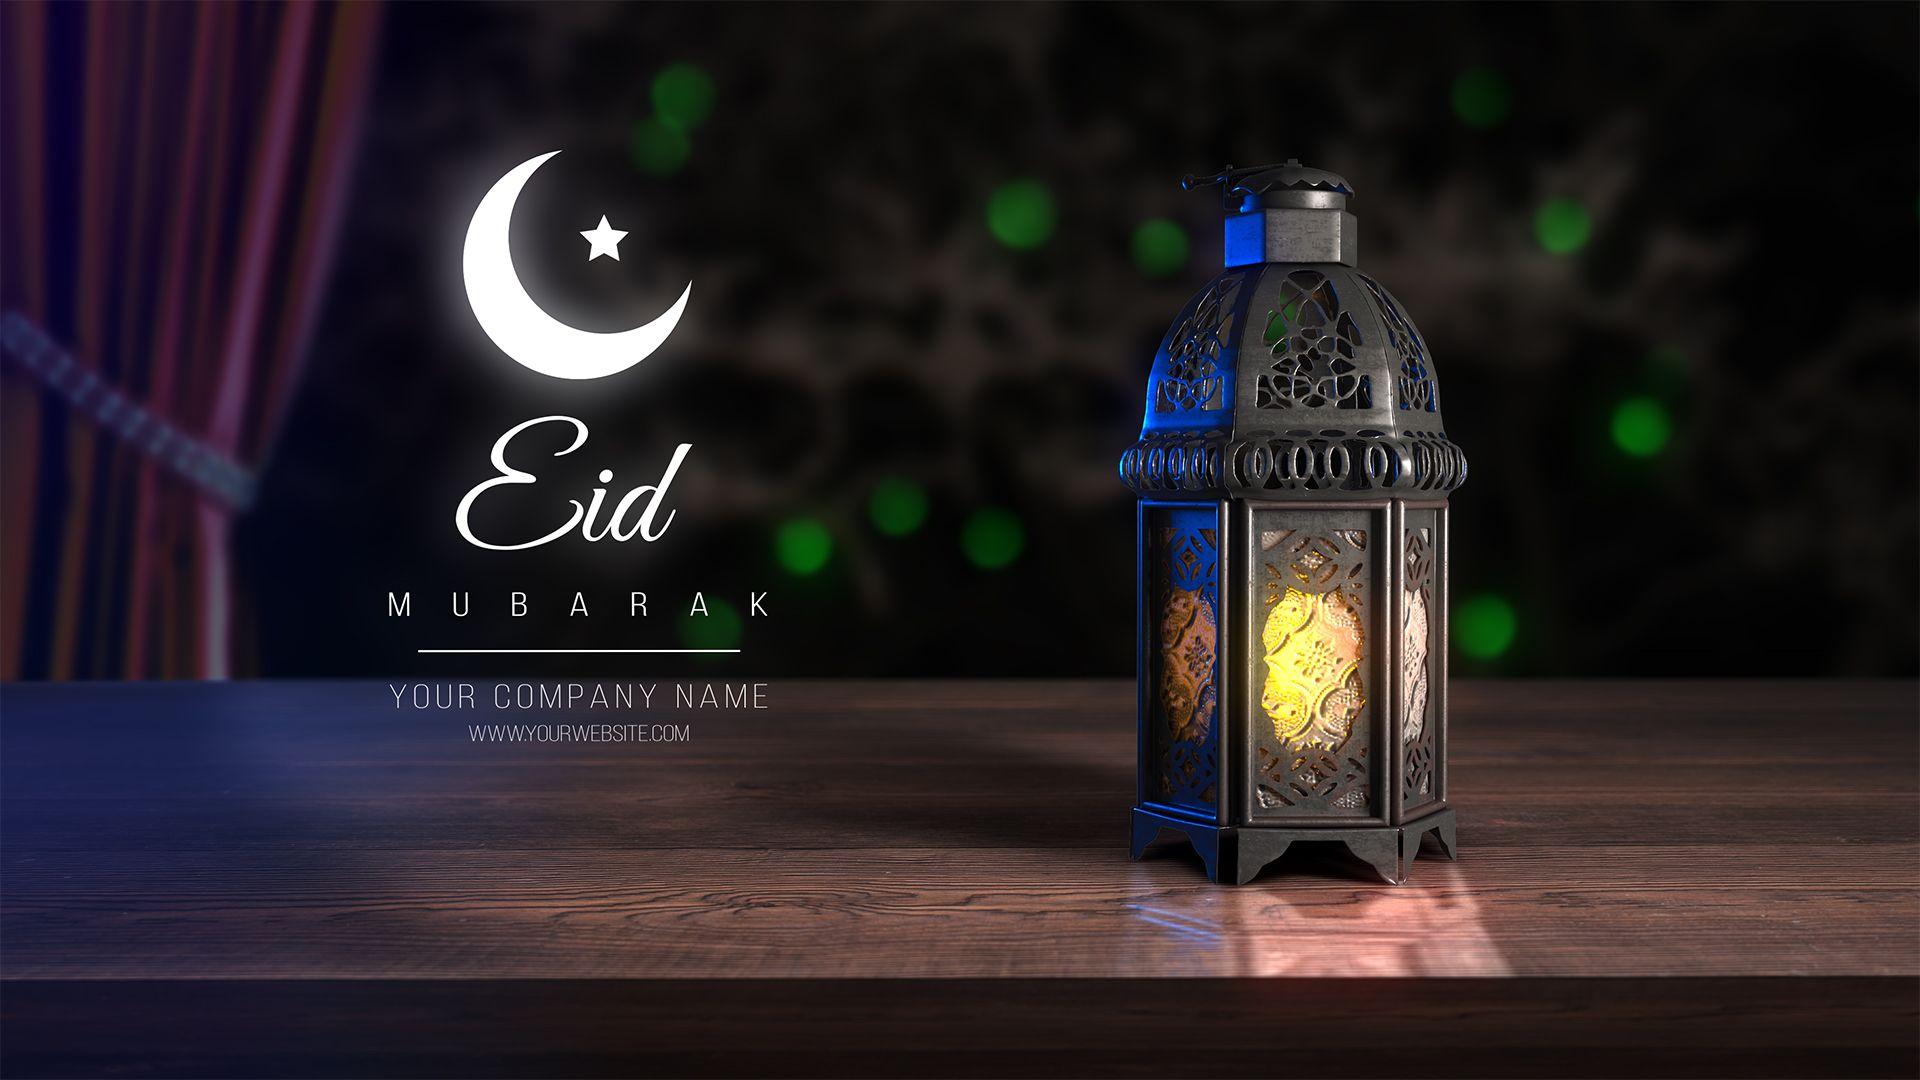 4k Lantern Ramadan Download Free After Effects Projects Download Free After Effects Templates Happy Eid Happy Eid Al Adha Eid Mubarak